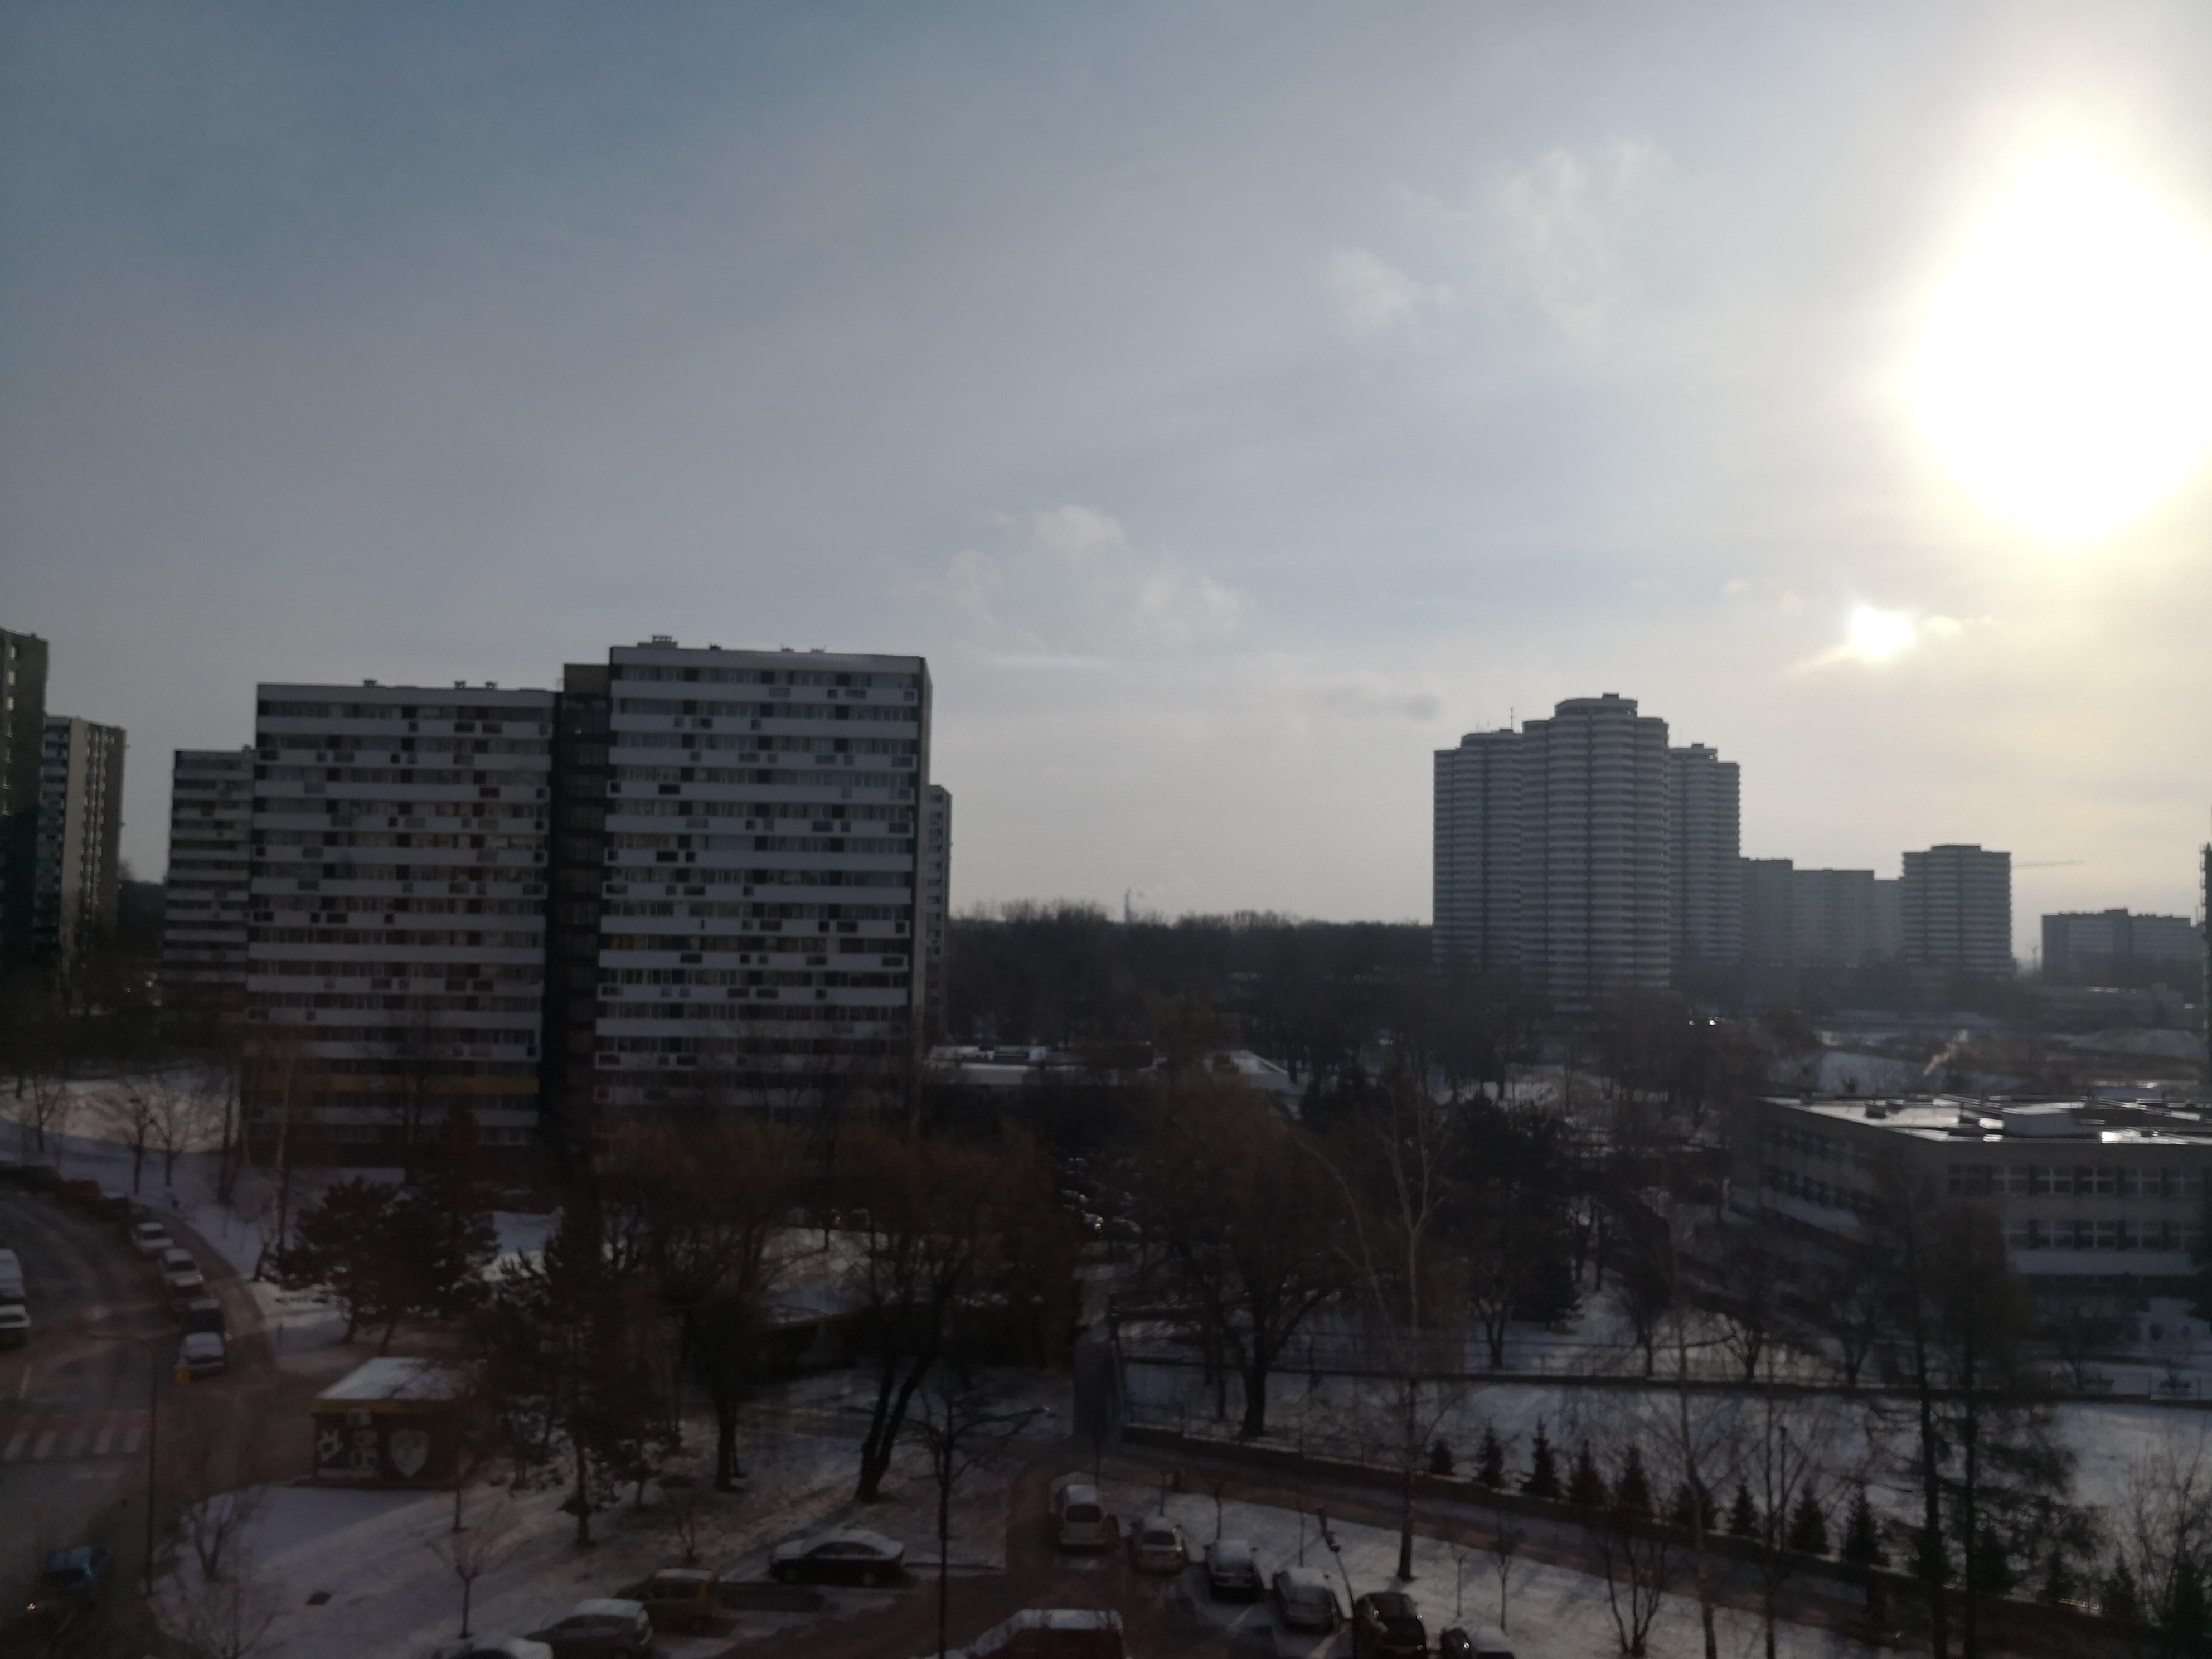 Słoneczna pogoda - Huawei Mate 10 Pro